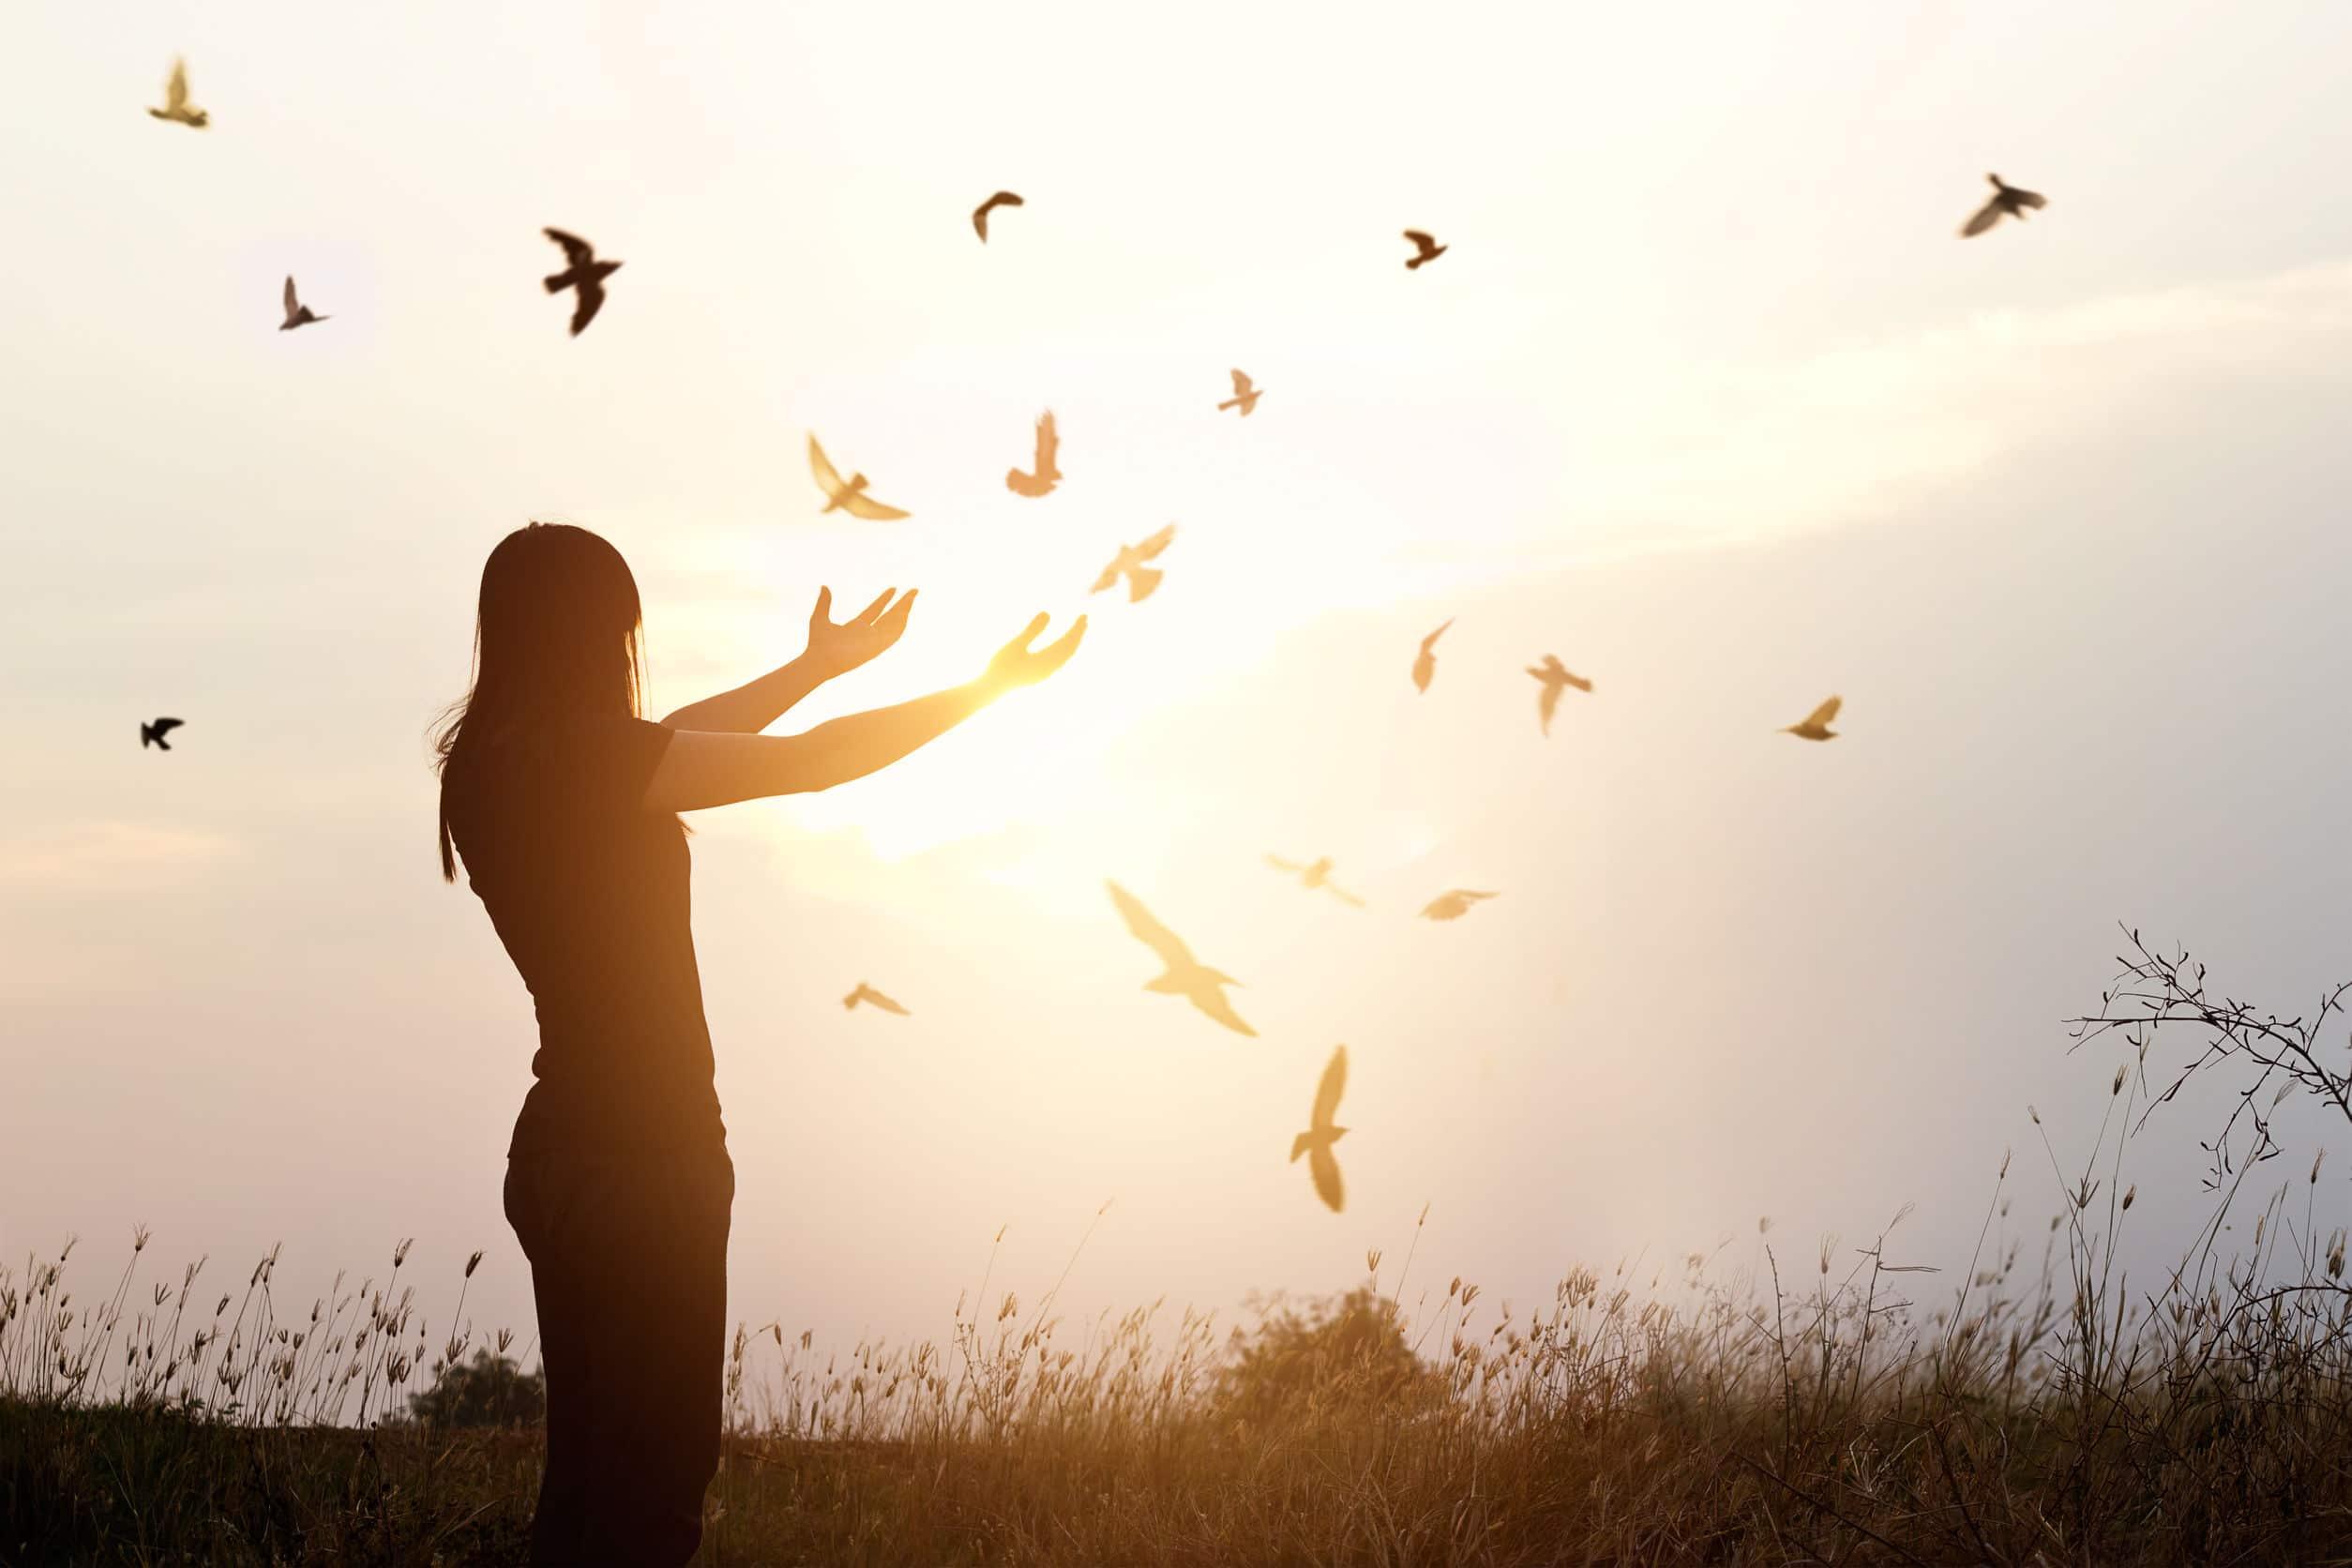 Silhueta sob o sol de uma mulher com os braços exaltados para o céu enquanto pássaros voam ao redor.